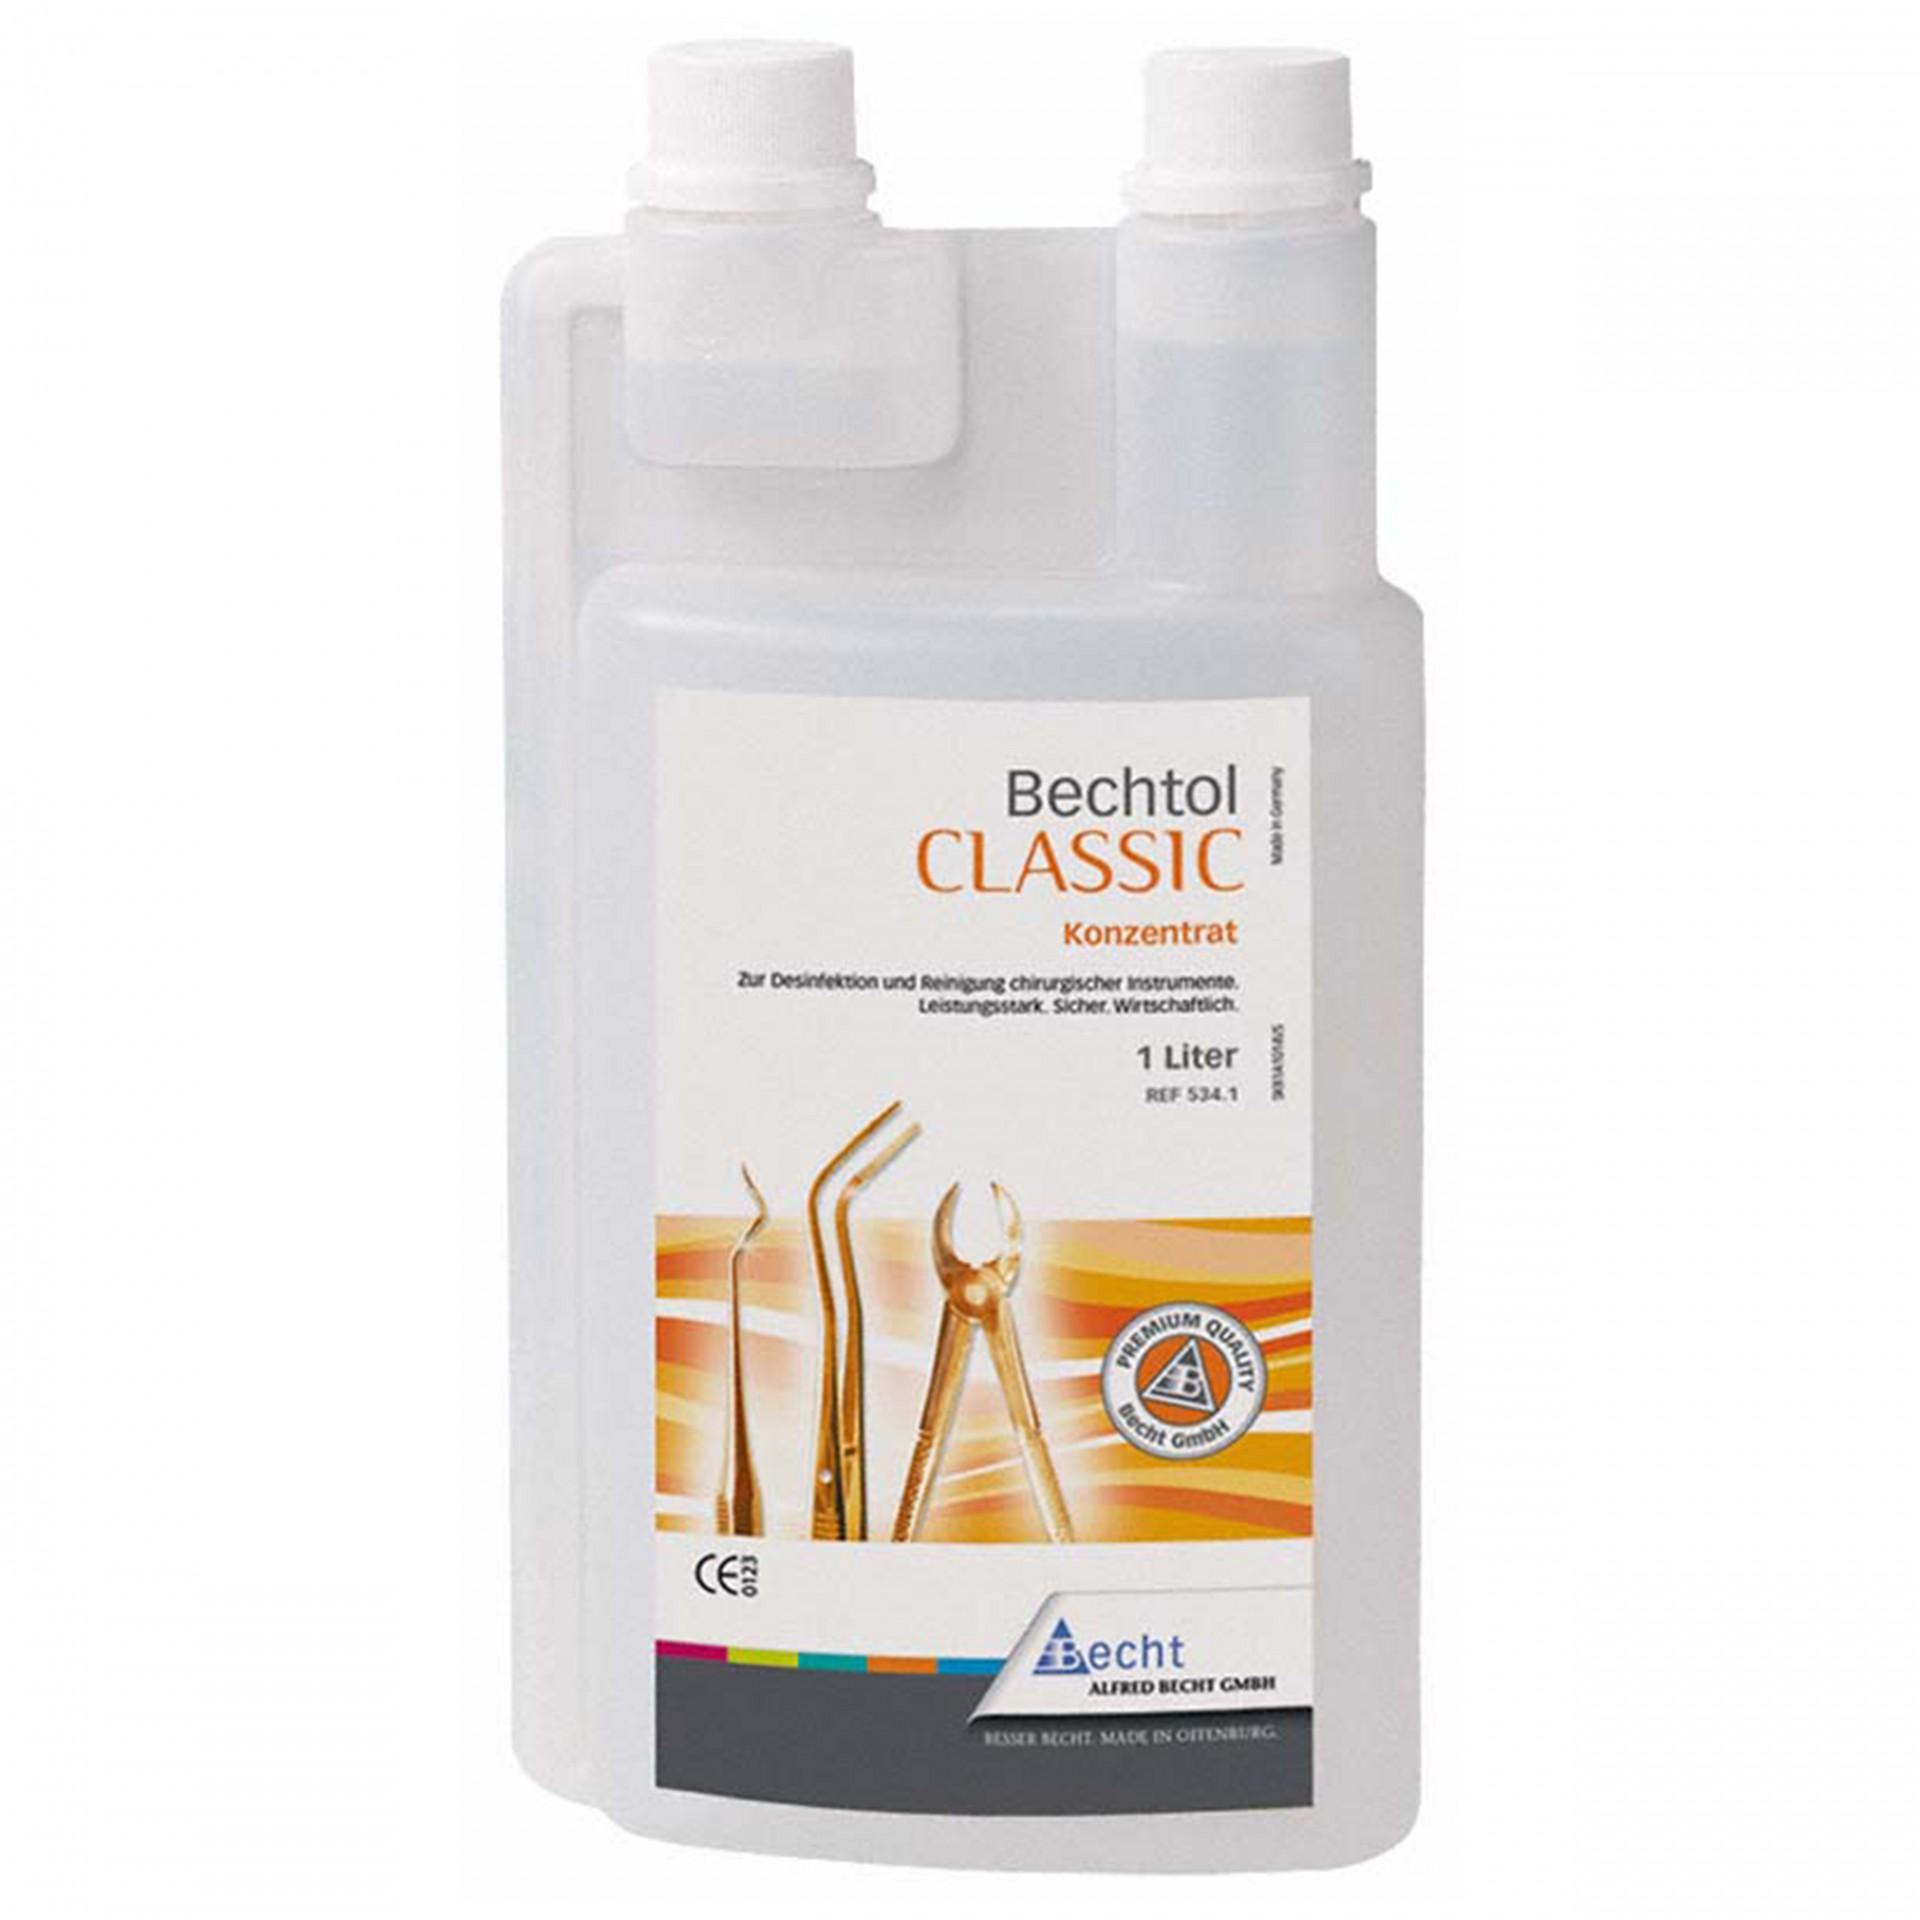 Bechtol Classic 1L